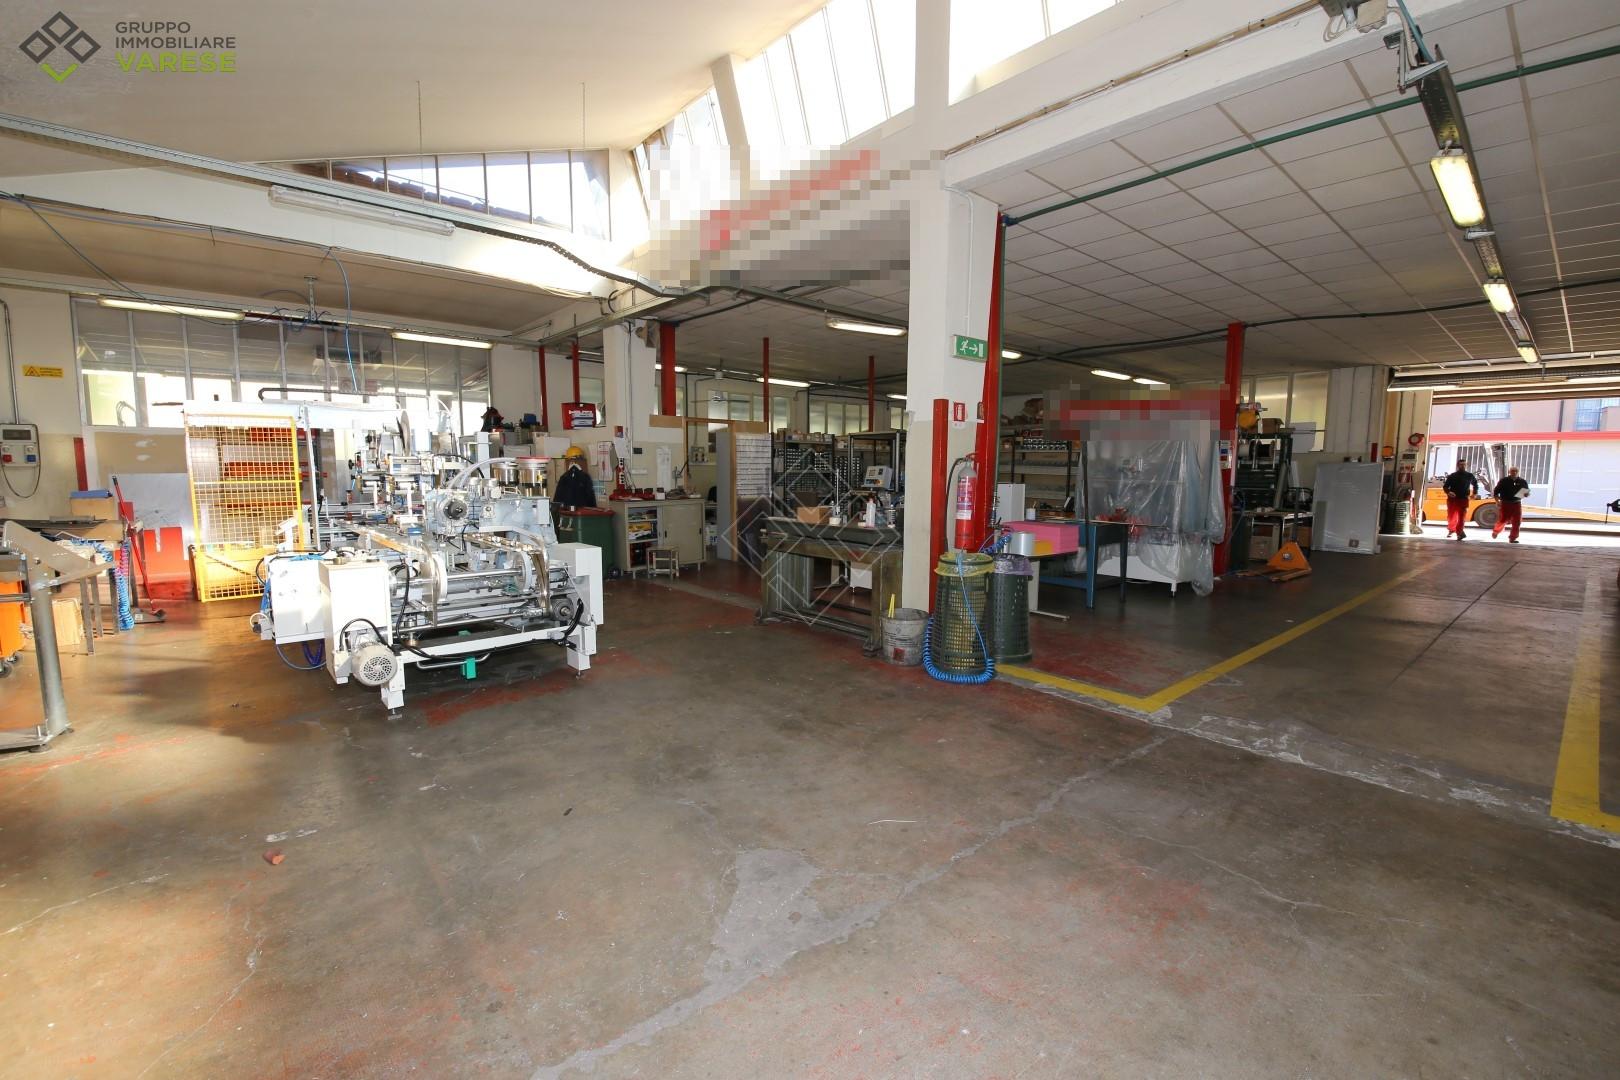 Capannone in vendita a Varese, 9999 locali, zona Zona: Giubiano, prezzo € 1.290.000 | CambioCasa.it